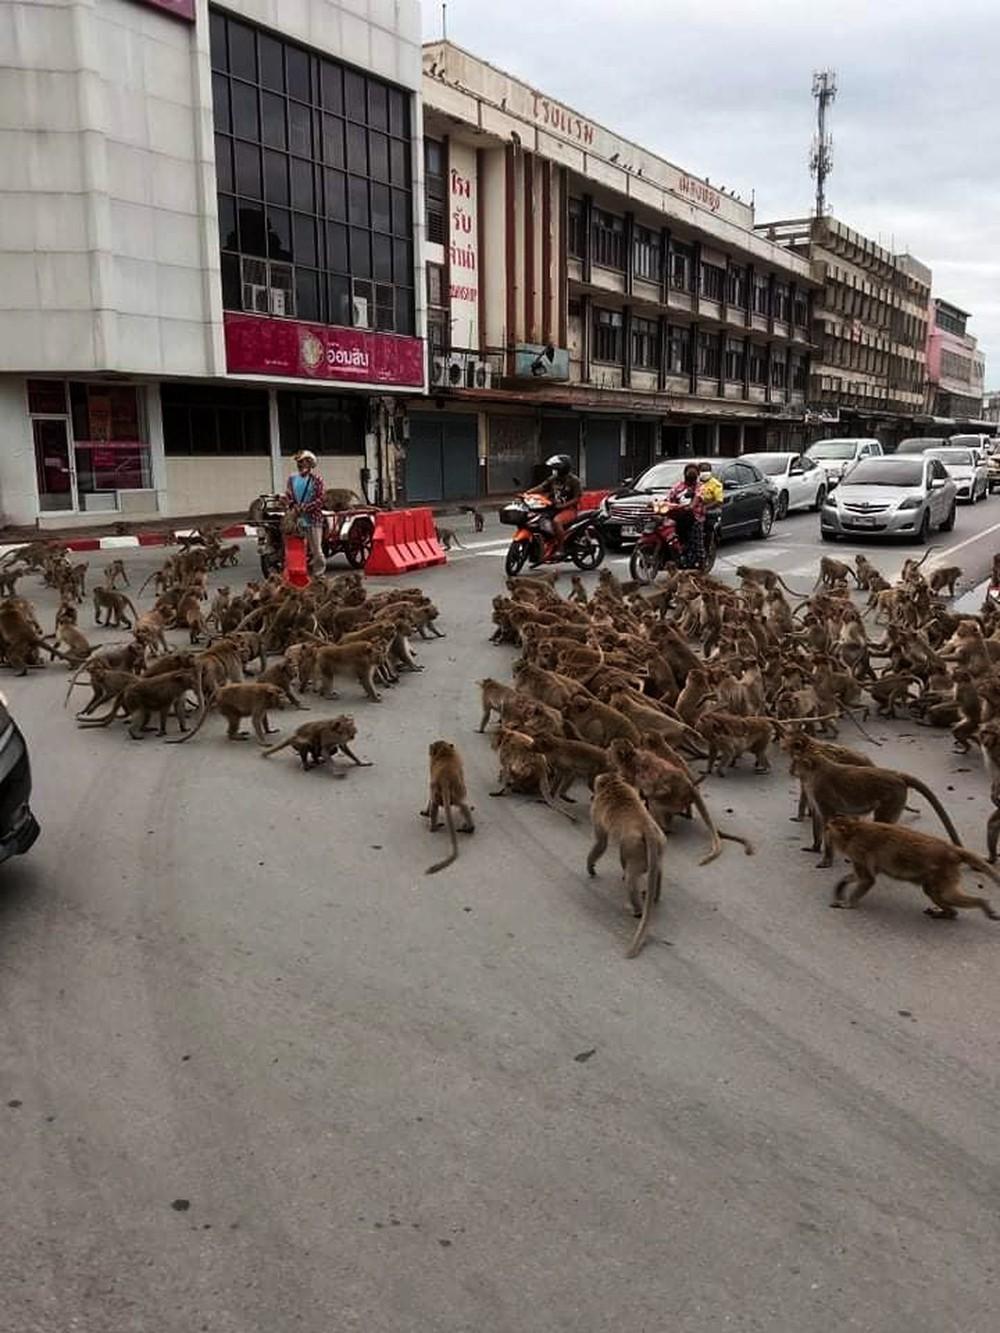 Giãn cách vì Covid-19, khỉ xâm chiếm thành phố, người dân sợ hãi trốn trong nhà, có việc cần lắm mới ra đường - Ảnh 1.